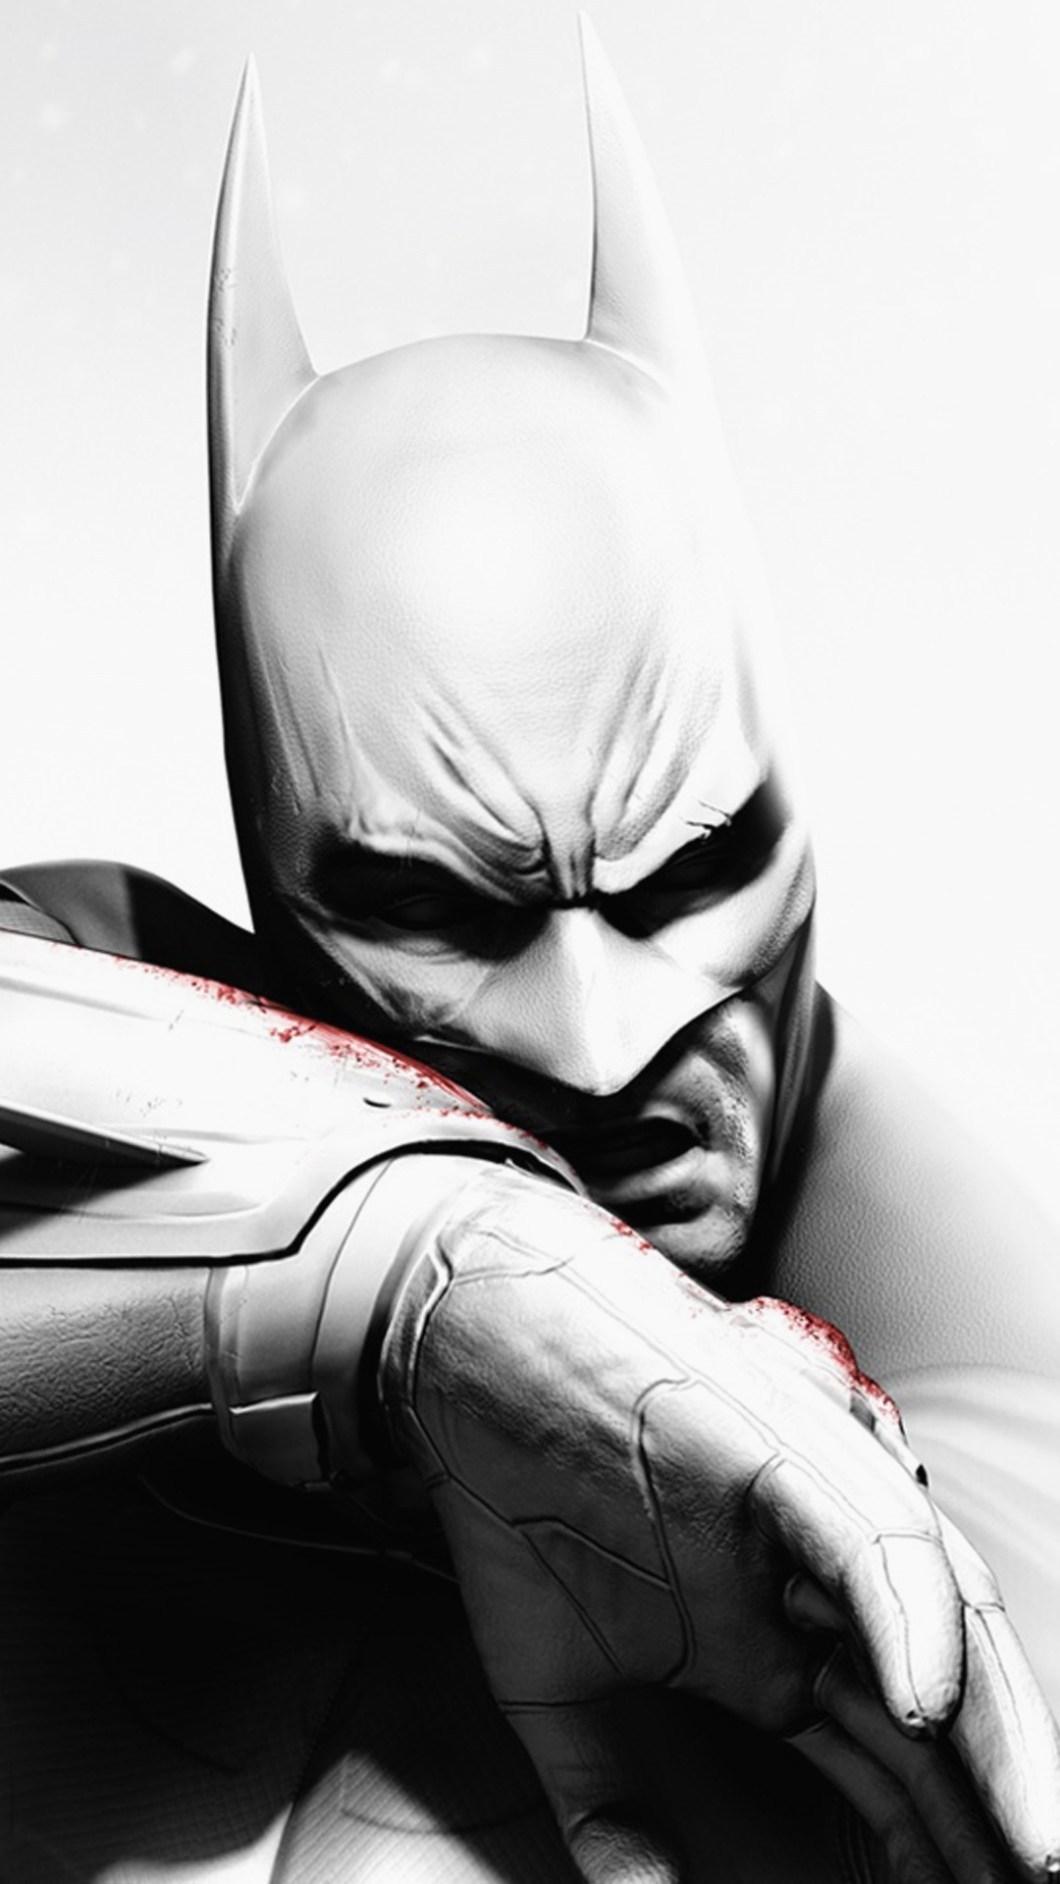 Batman Iphone Wallpaper New Batman Hd Wallpapers For - Batman Arkham City Iphone , HD Wallpaper & Backgrounds